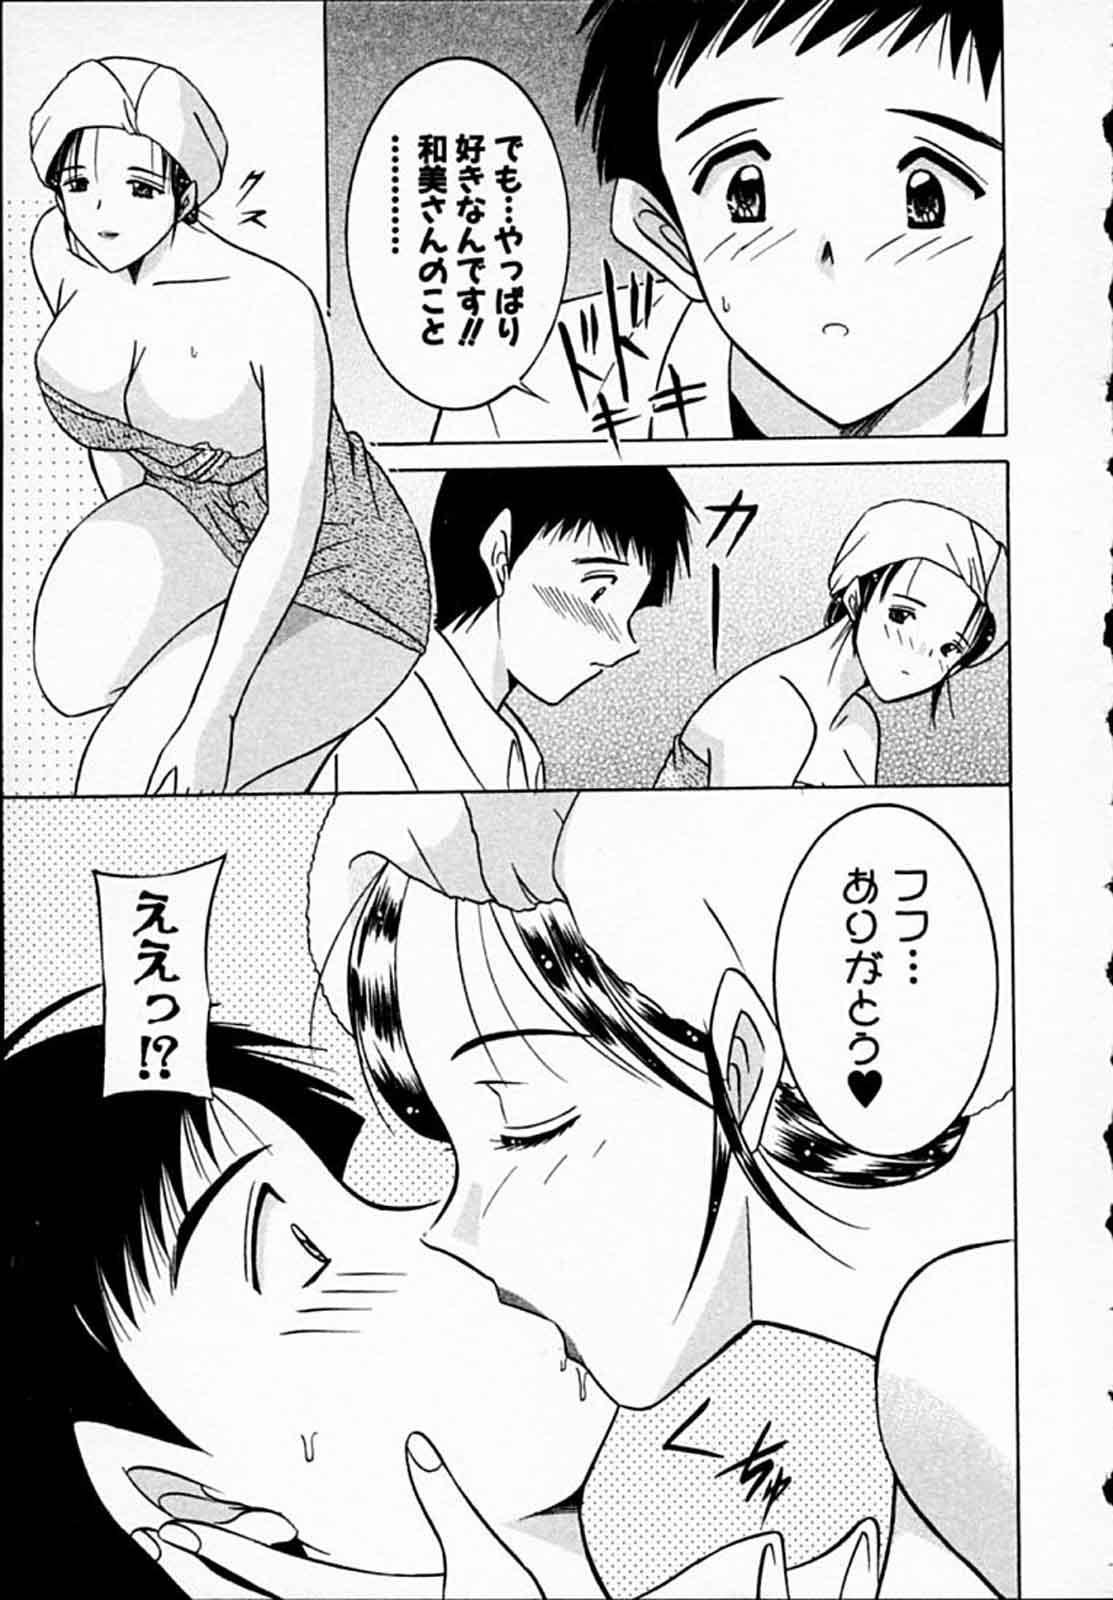 Hiyokko Nurse! 139